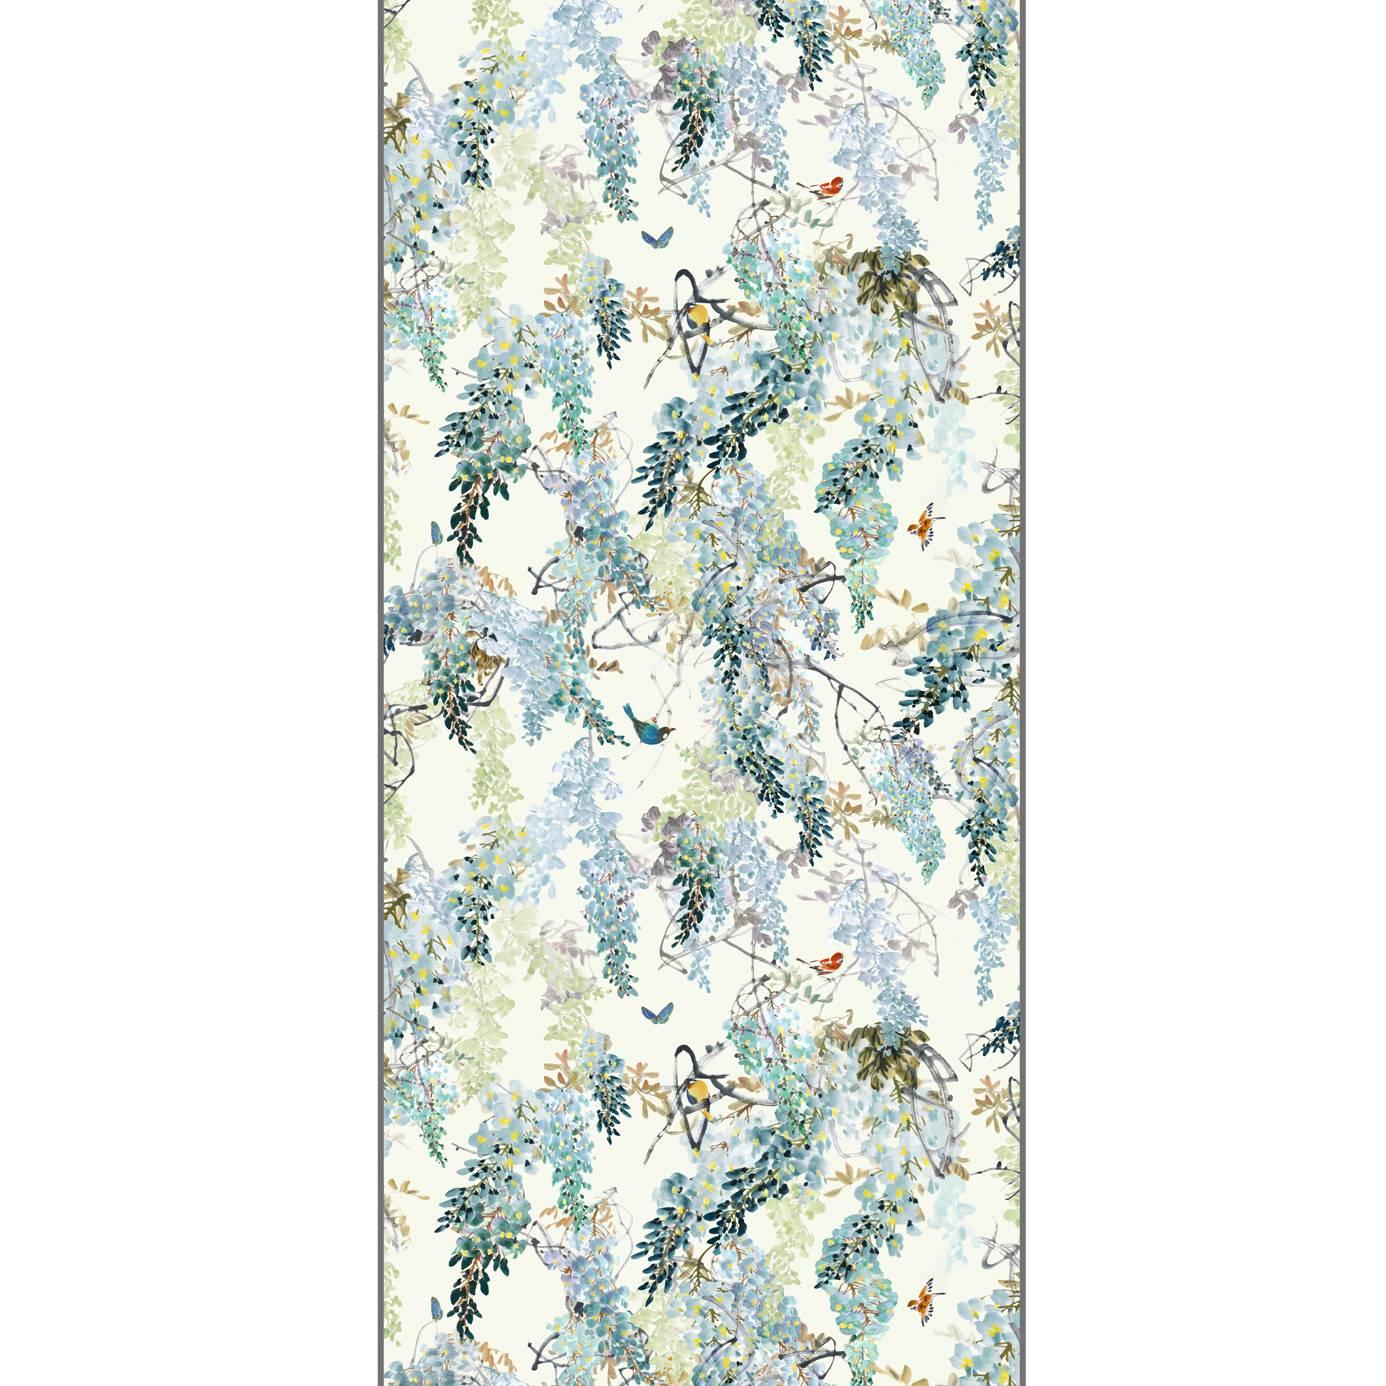 Sanderson Wisteria Falls Wallpaper Wisteria Falls Wallpaper Aqua Panel B 216299